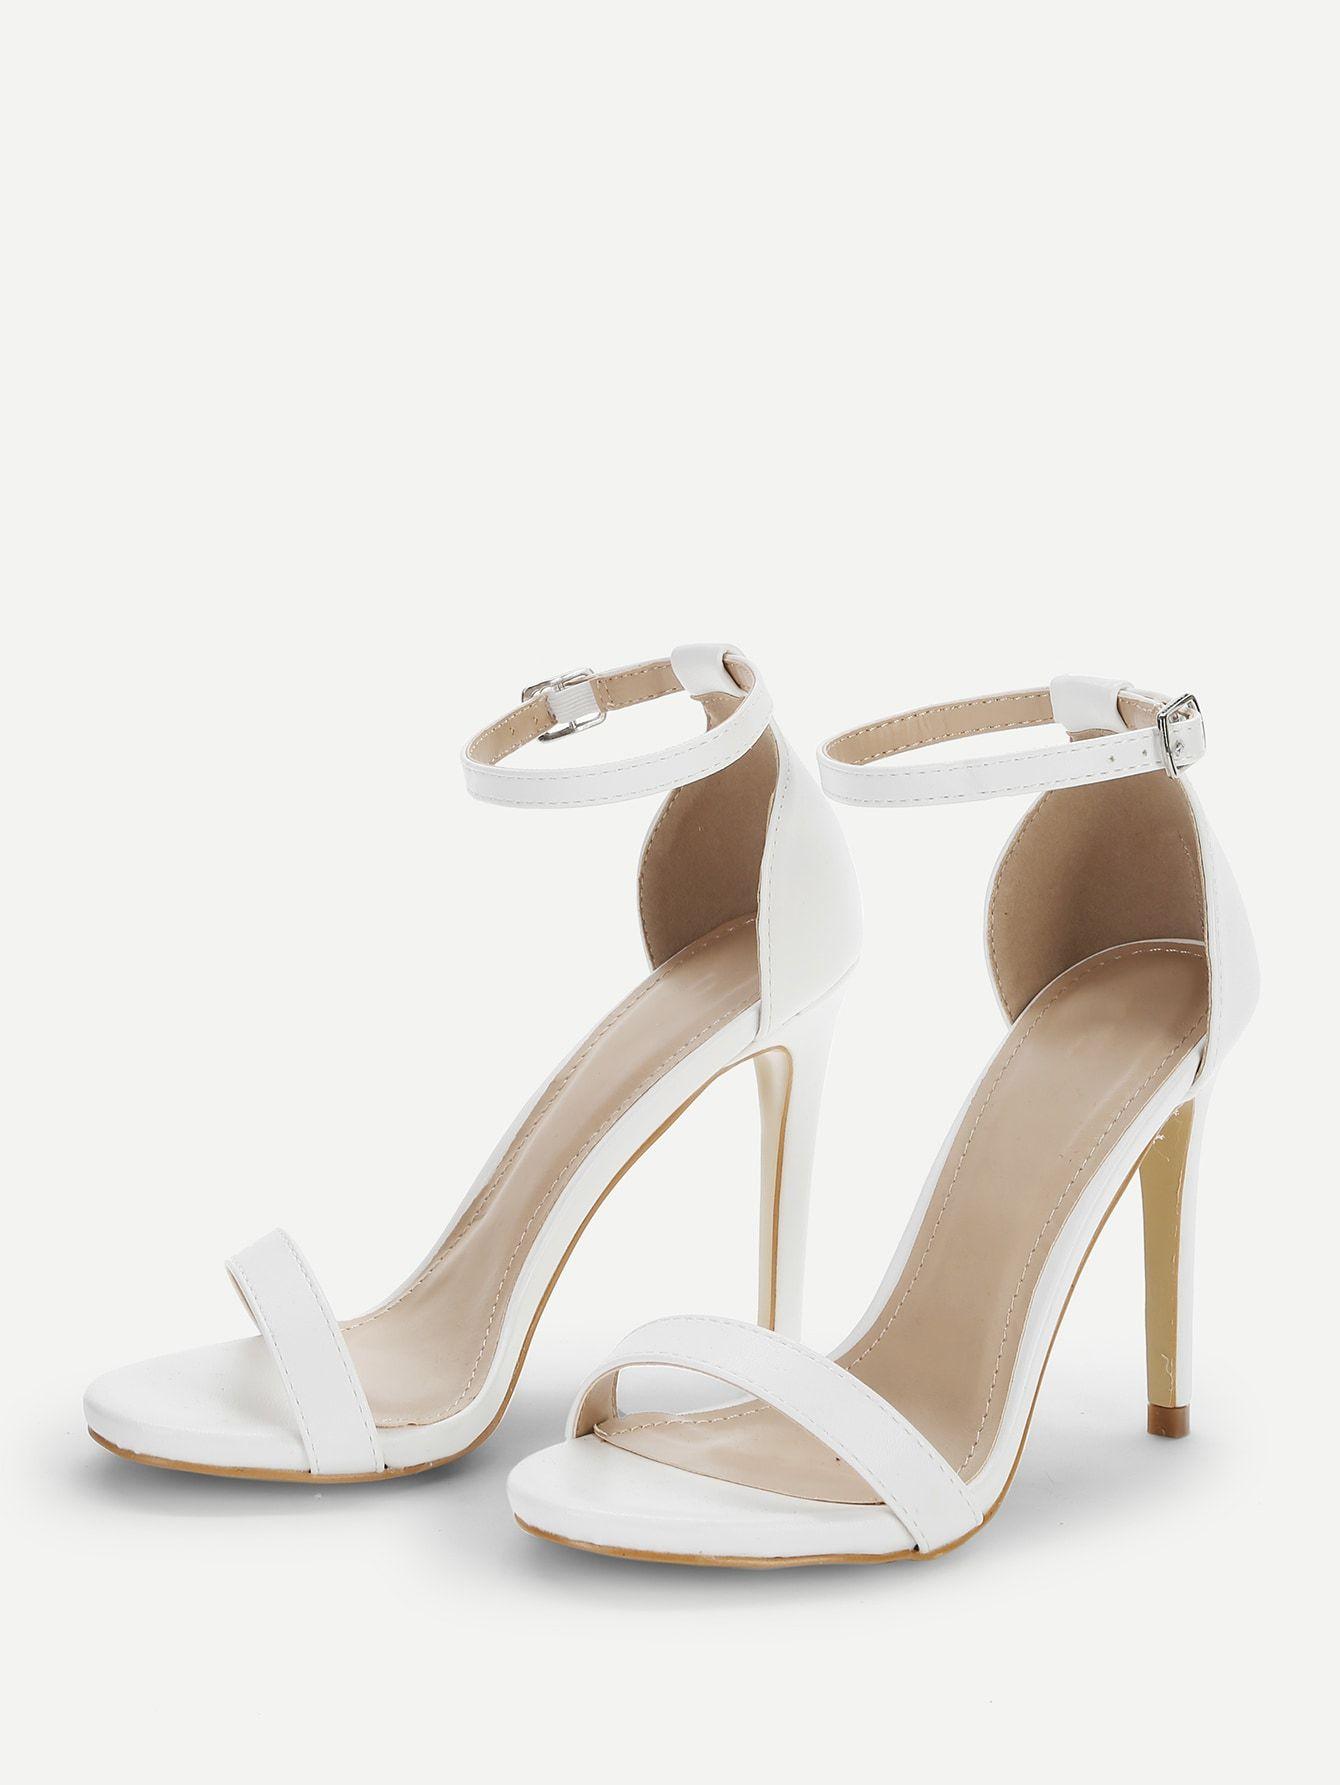 33a72eadf22 Elegant Open Toe Plain Ankle strap White High Heel Stiletto Single ...